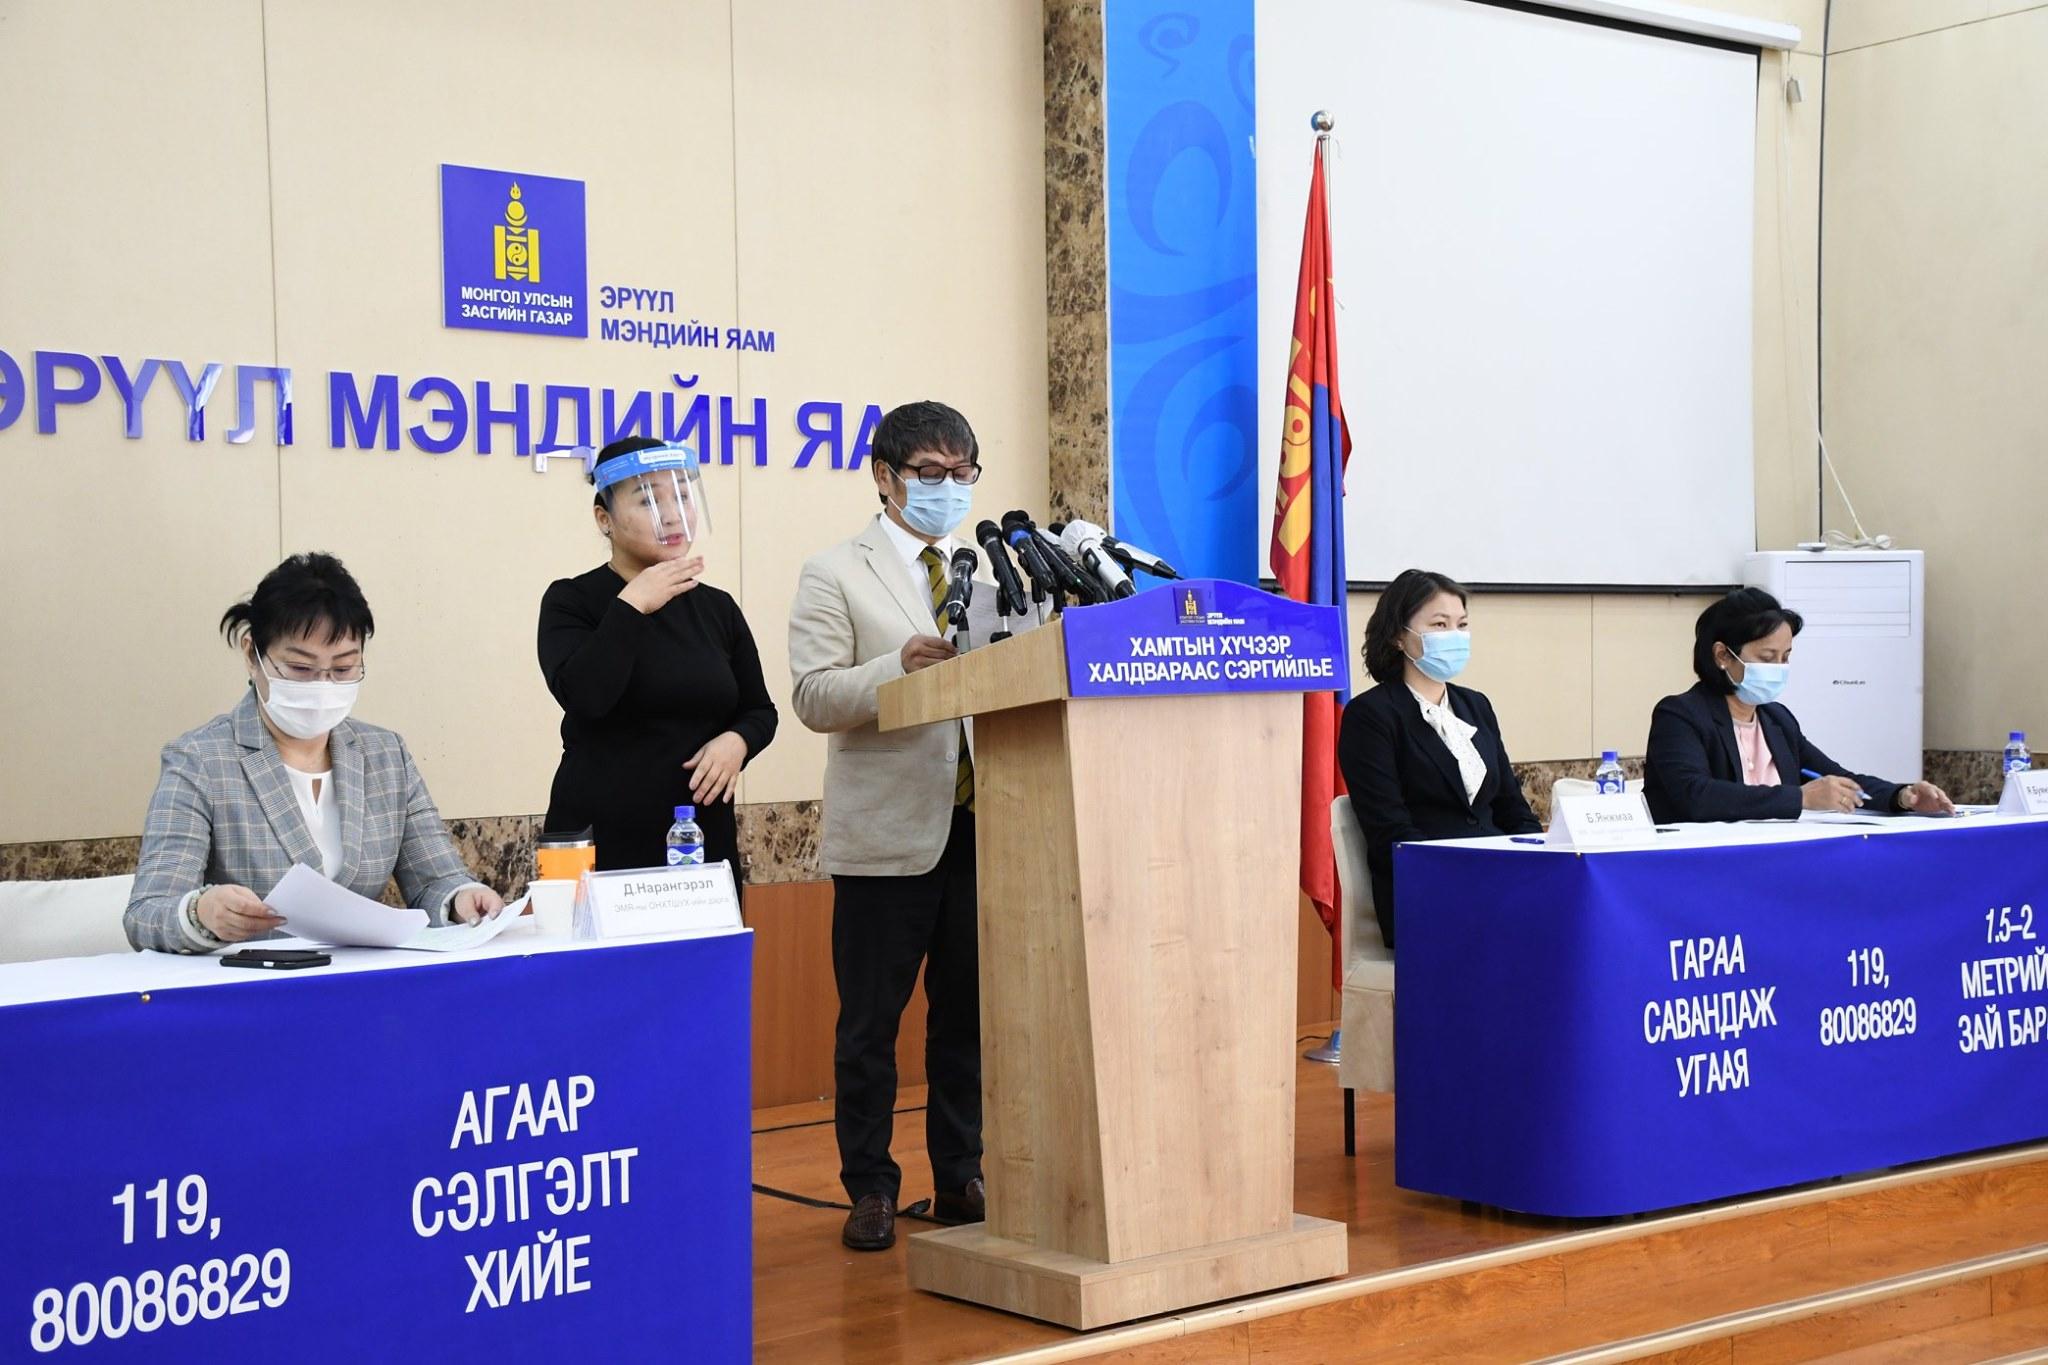 ХӨСҮТ, Дархан-Уул аймгийн лаборторид хийсэн 328 шинжилгээний хариу